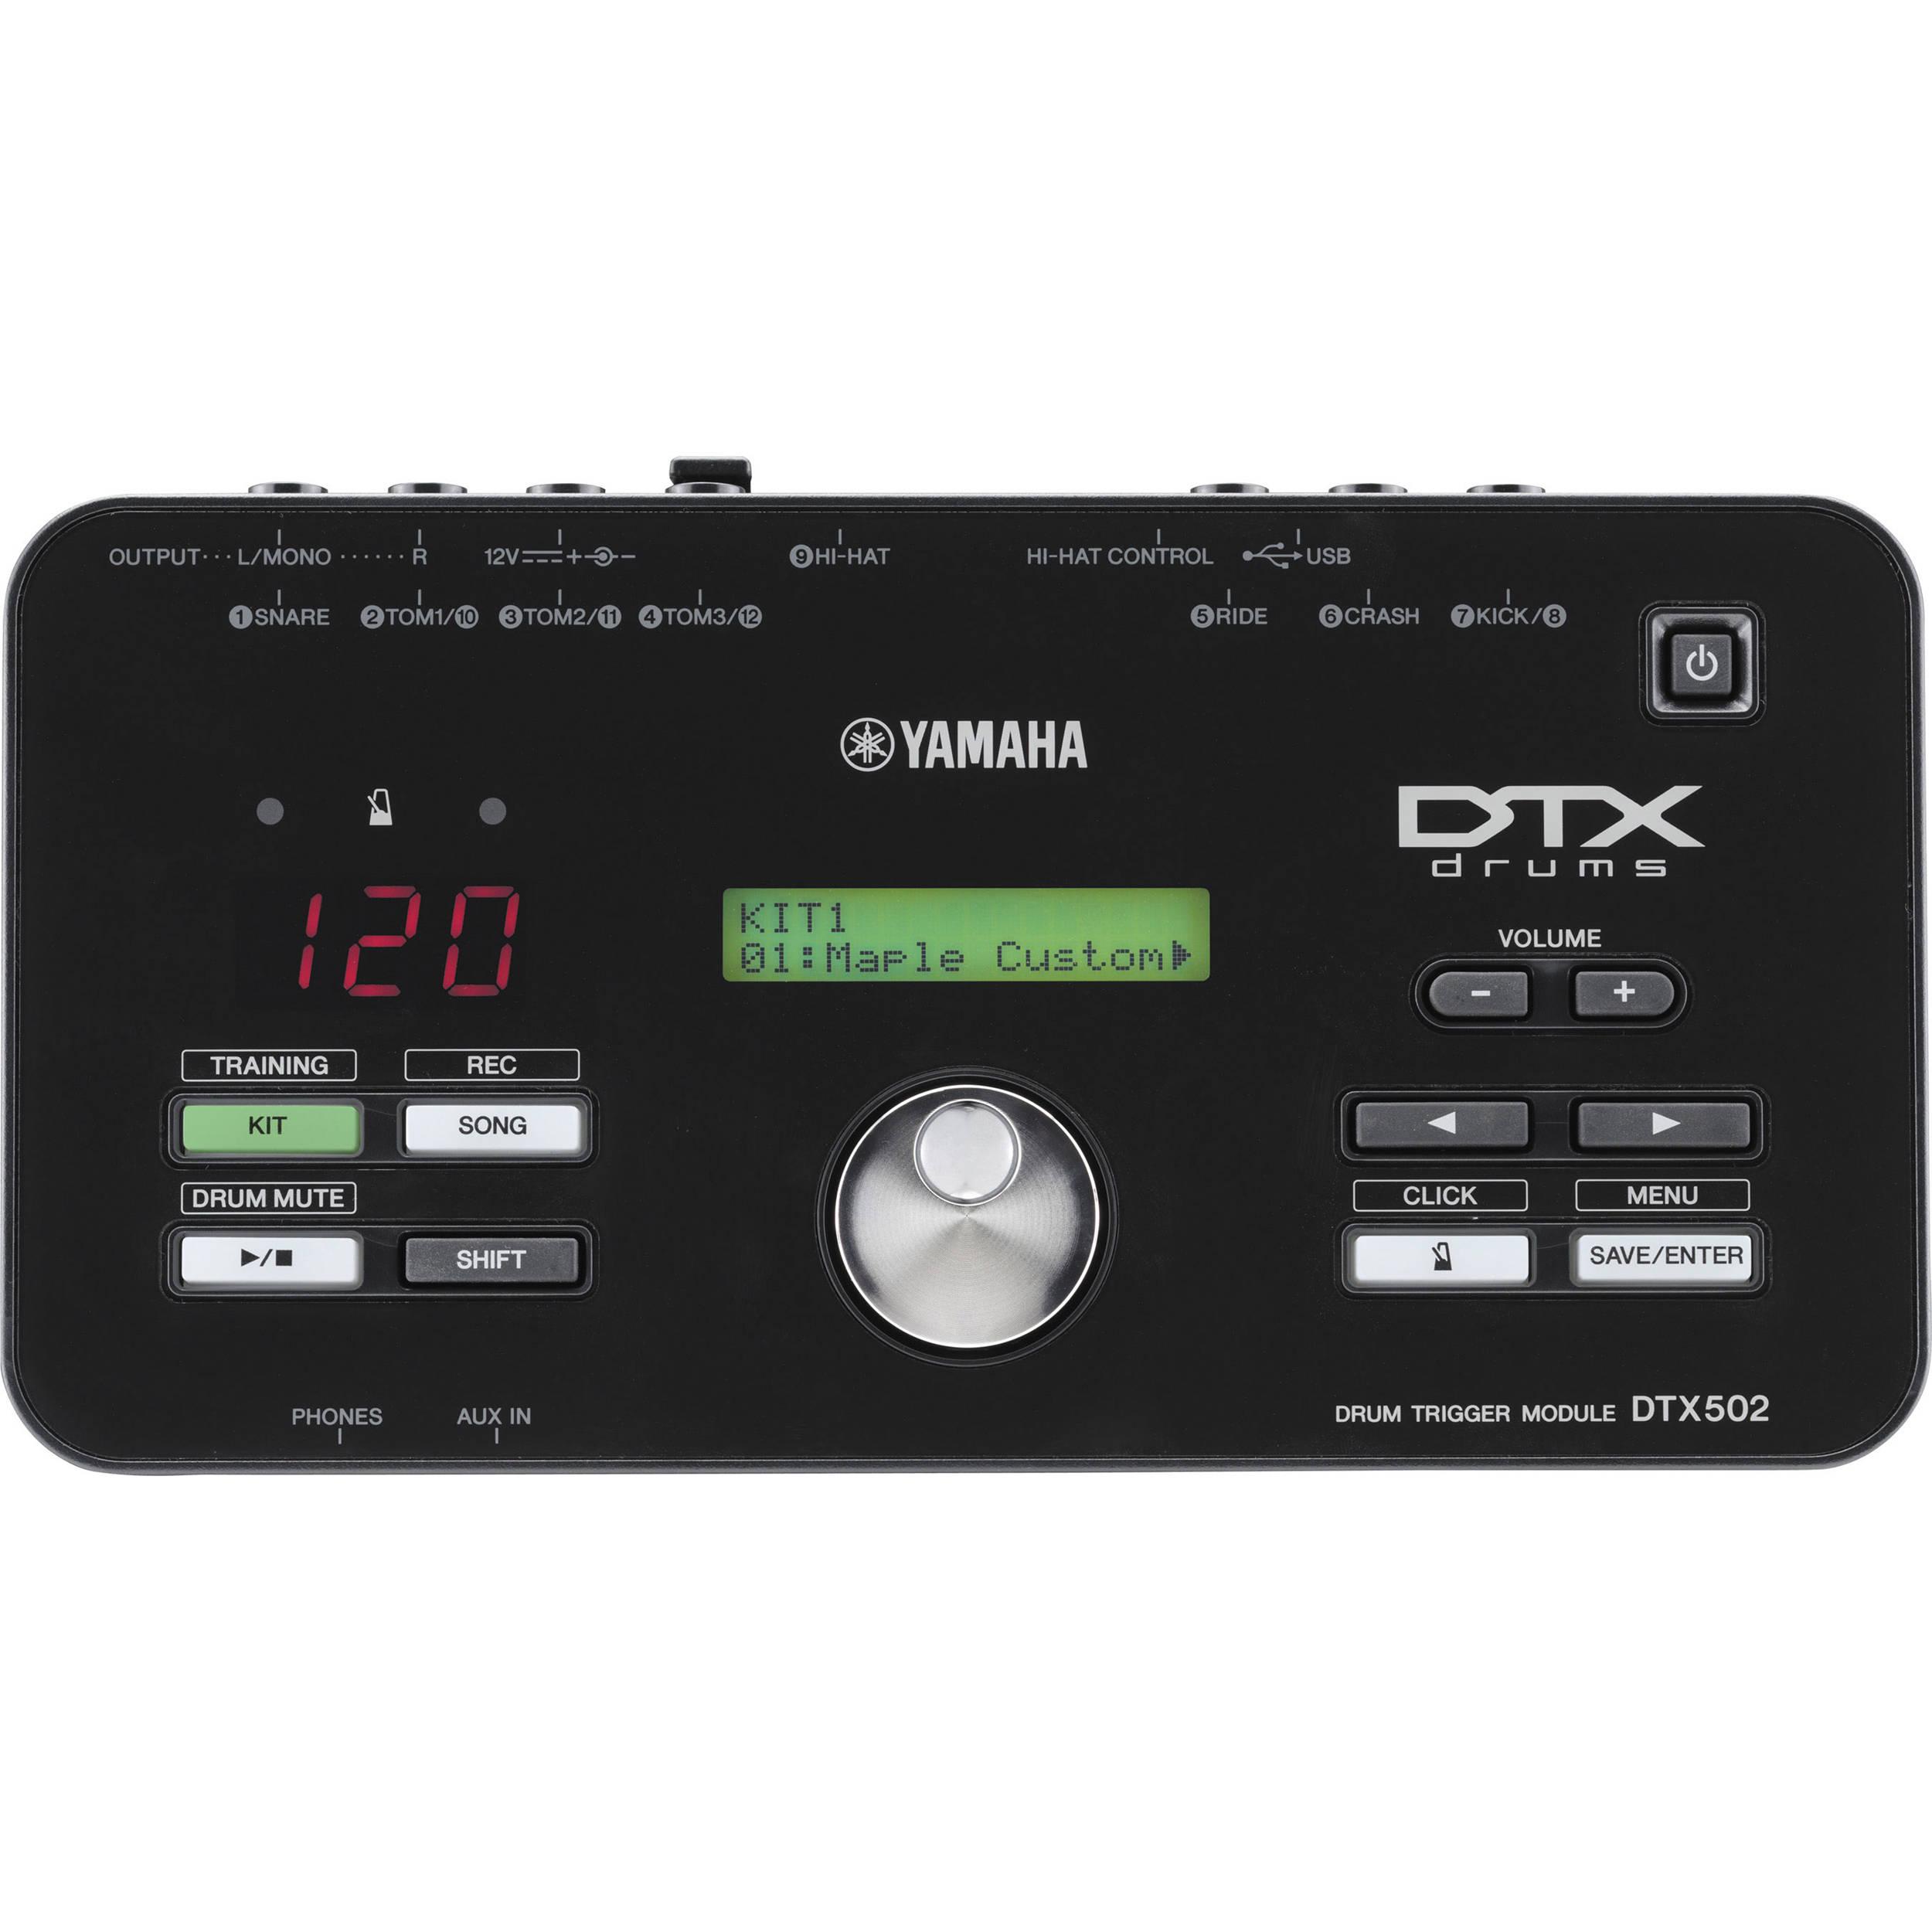 Yamaha Drum Trigger Module Dtx502 : yamaha dtx502 electronic drum trigger module dtx502 b h photo ~ Russianpoet.info Haus und Dekorationen